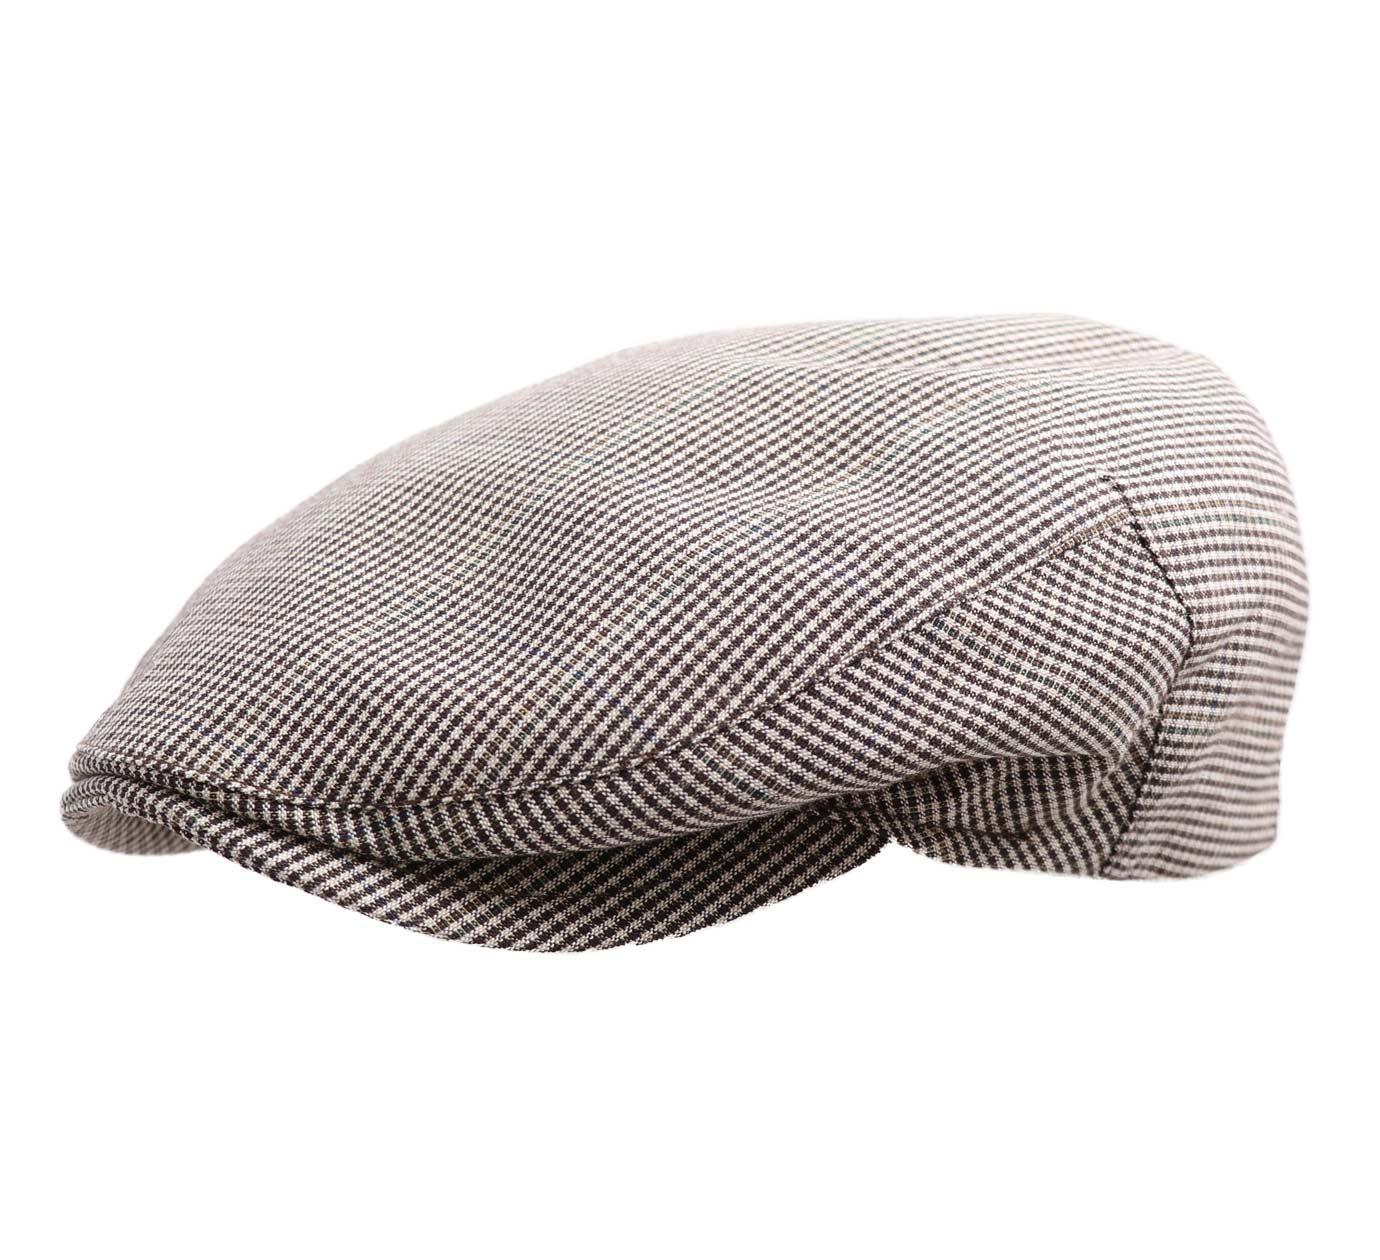 Béret casquette plate homme ou femme Mullen 17-gris